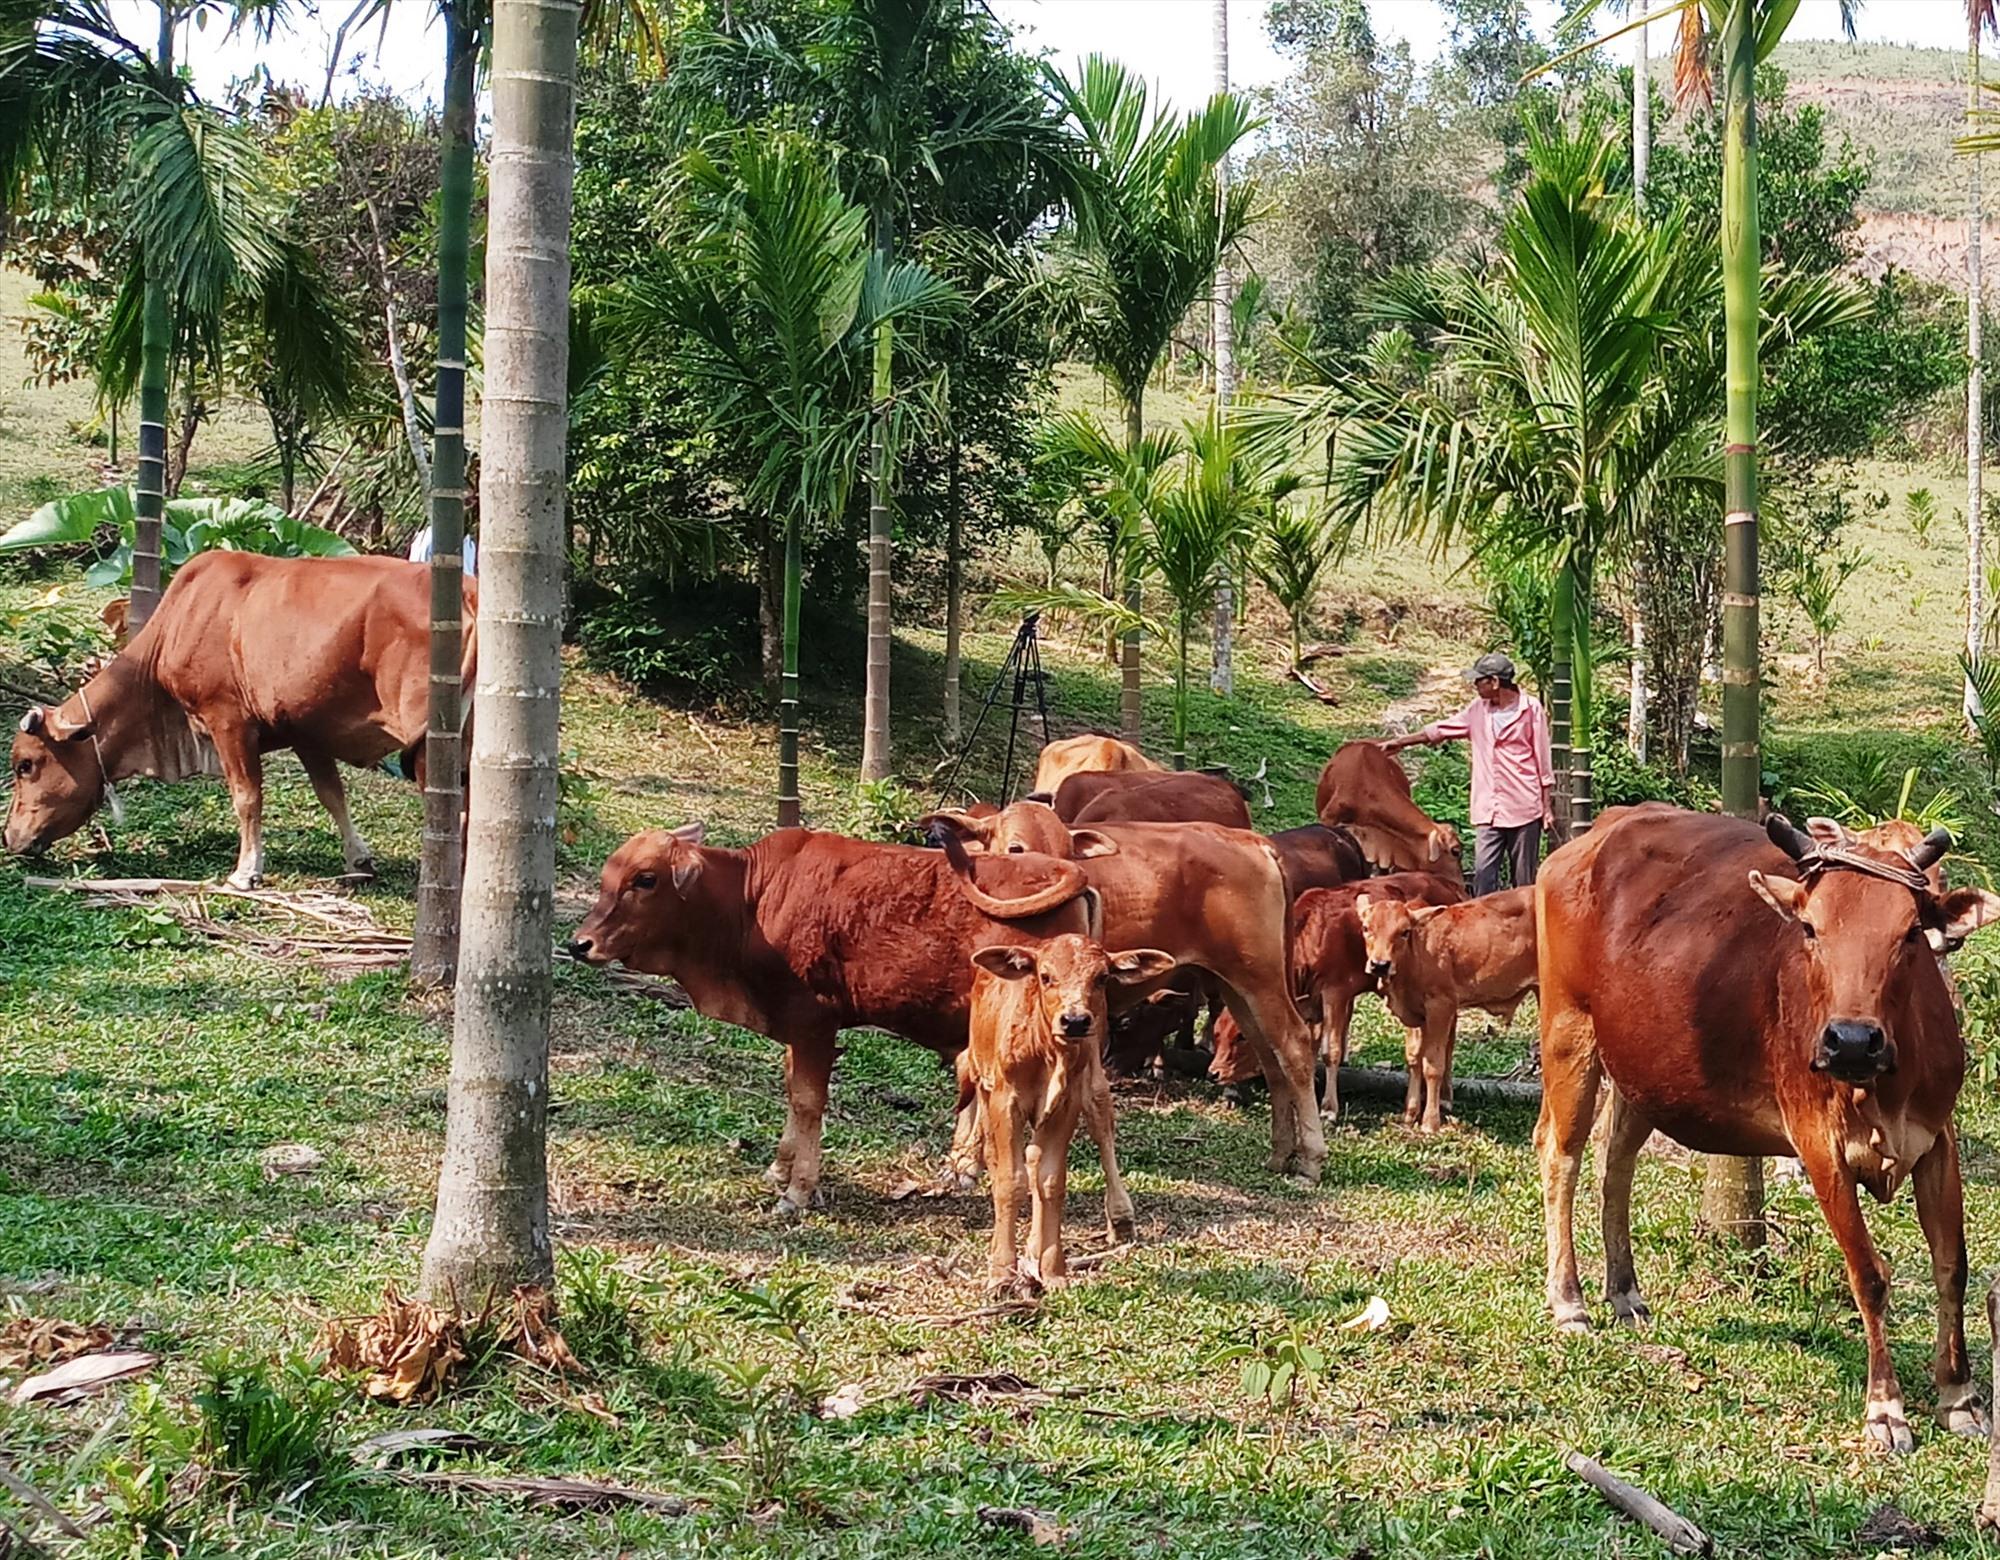 Mô hình chăn nuôi bò kết hợp với trồng cau, keo lai vươn lên thoát nghèo của CCB Huỳnh Ngọc Vị, ở thôn 1, xã Tiên Lãnh. Ảnh: N.H